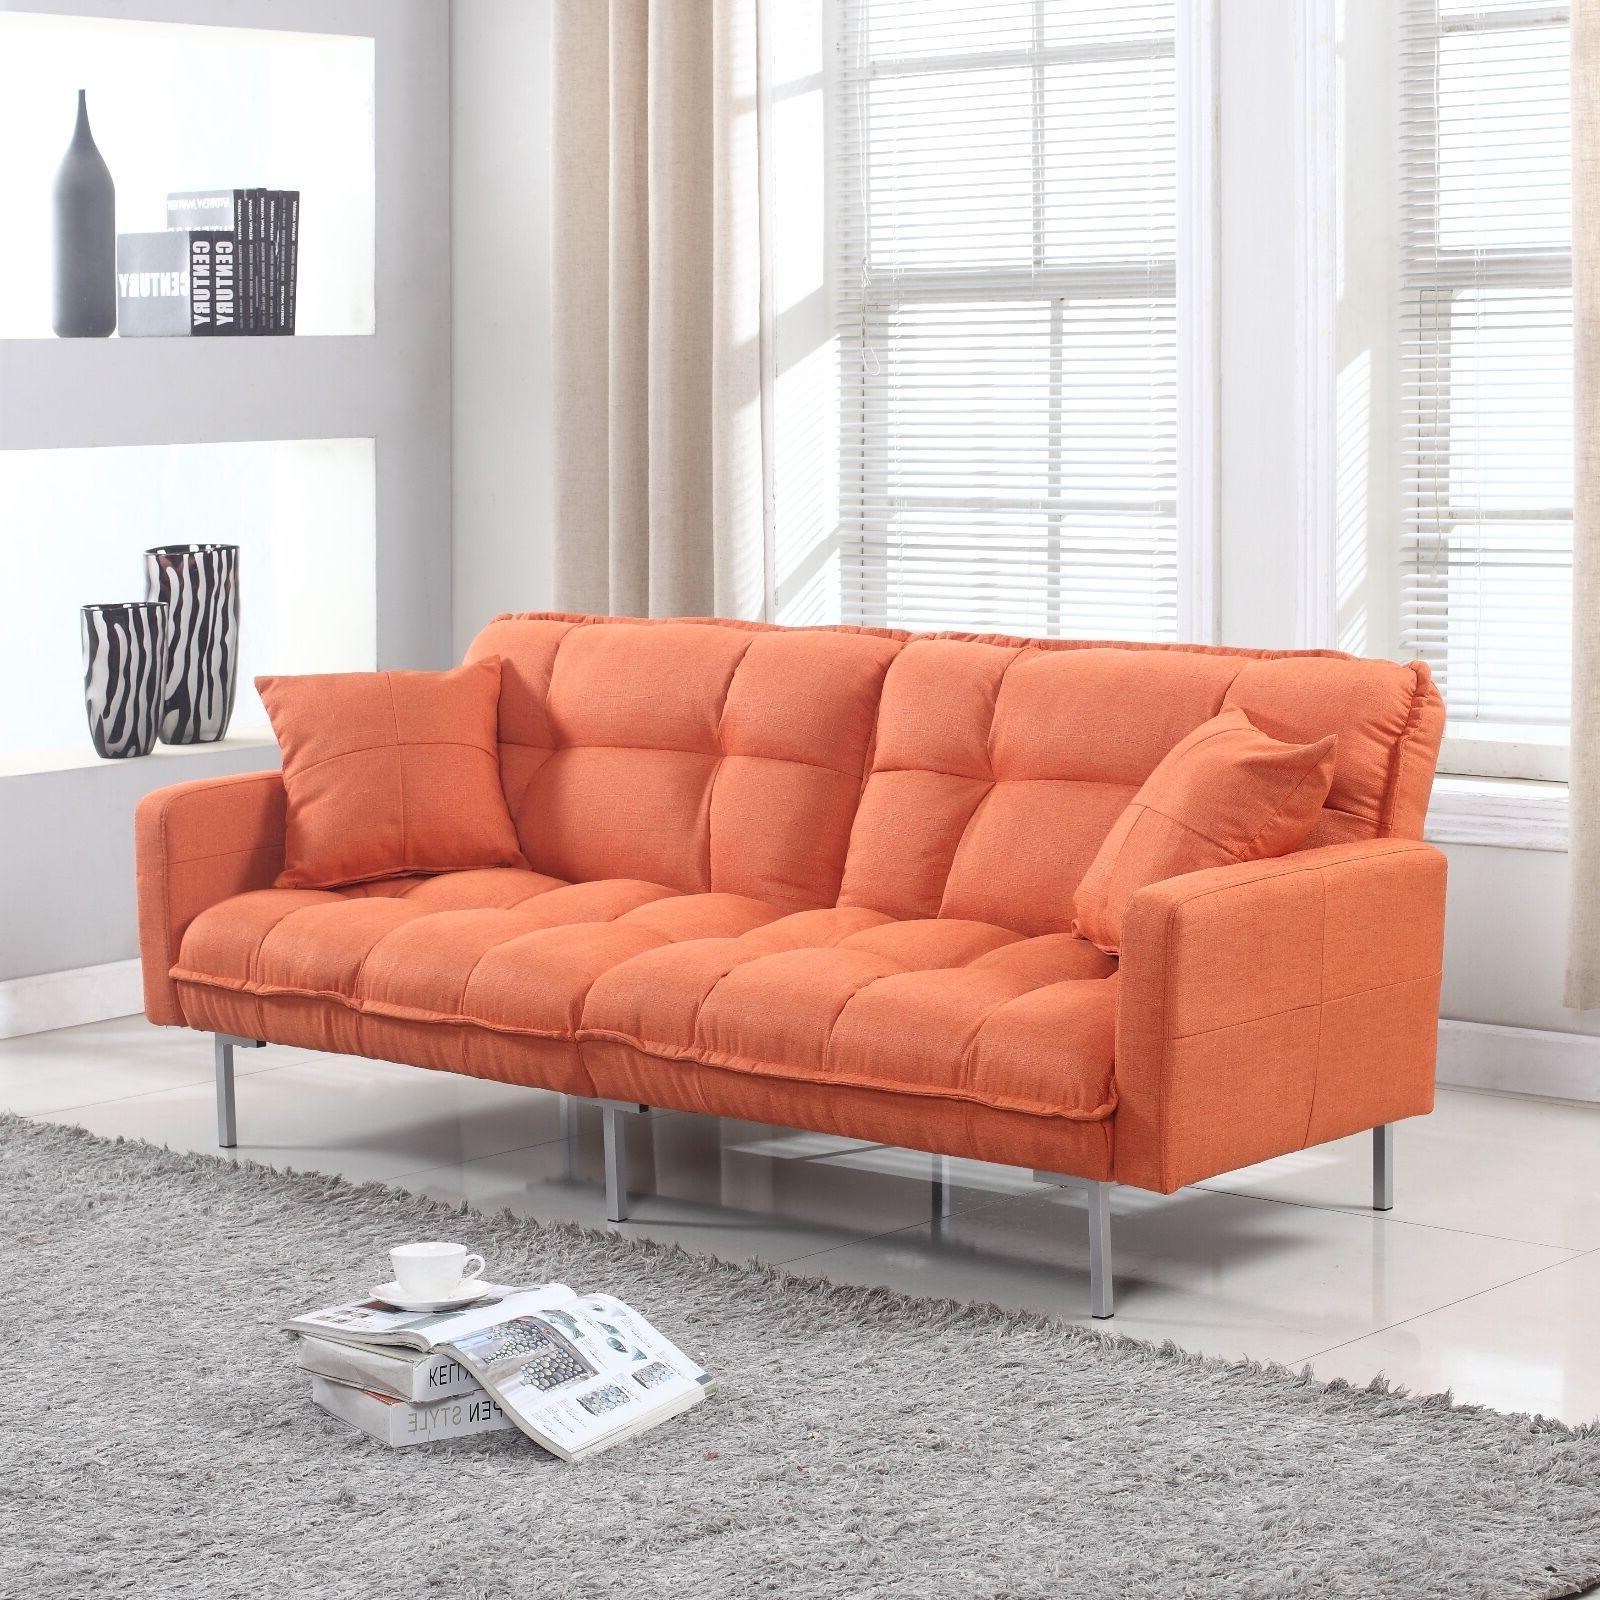 Modern Linen Fabric Sleeper